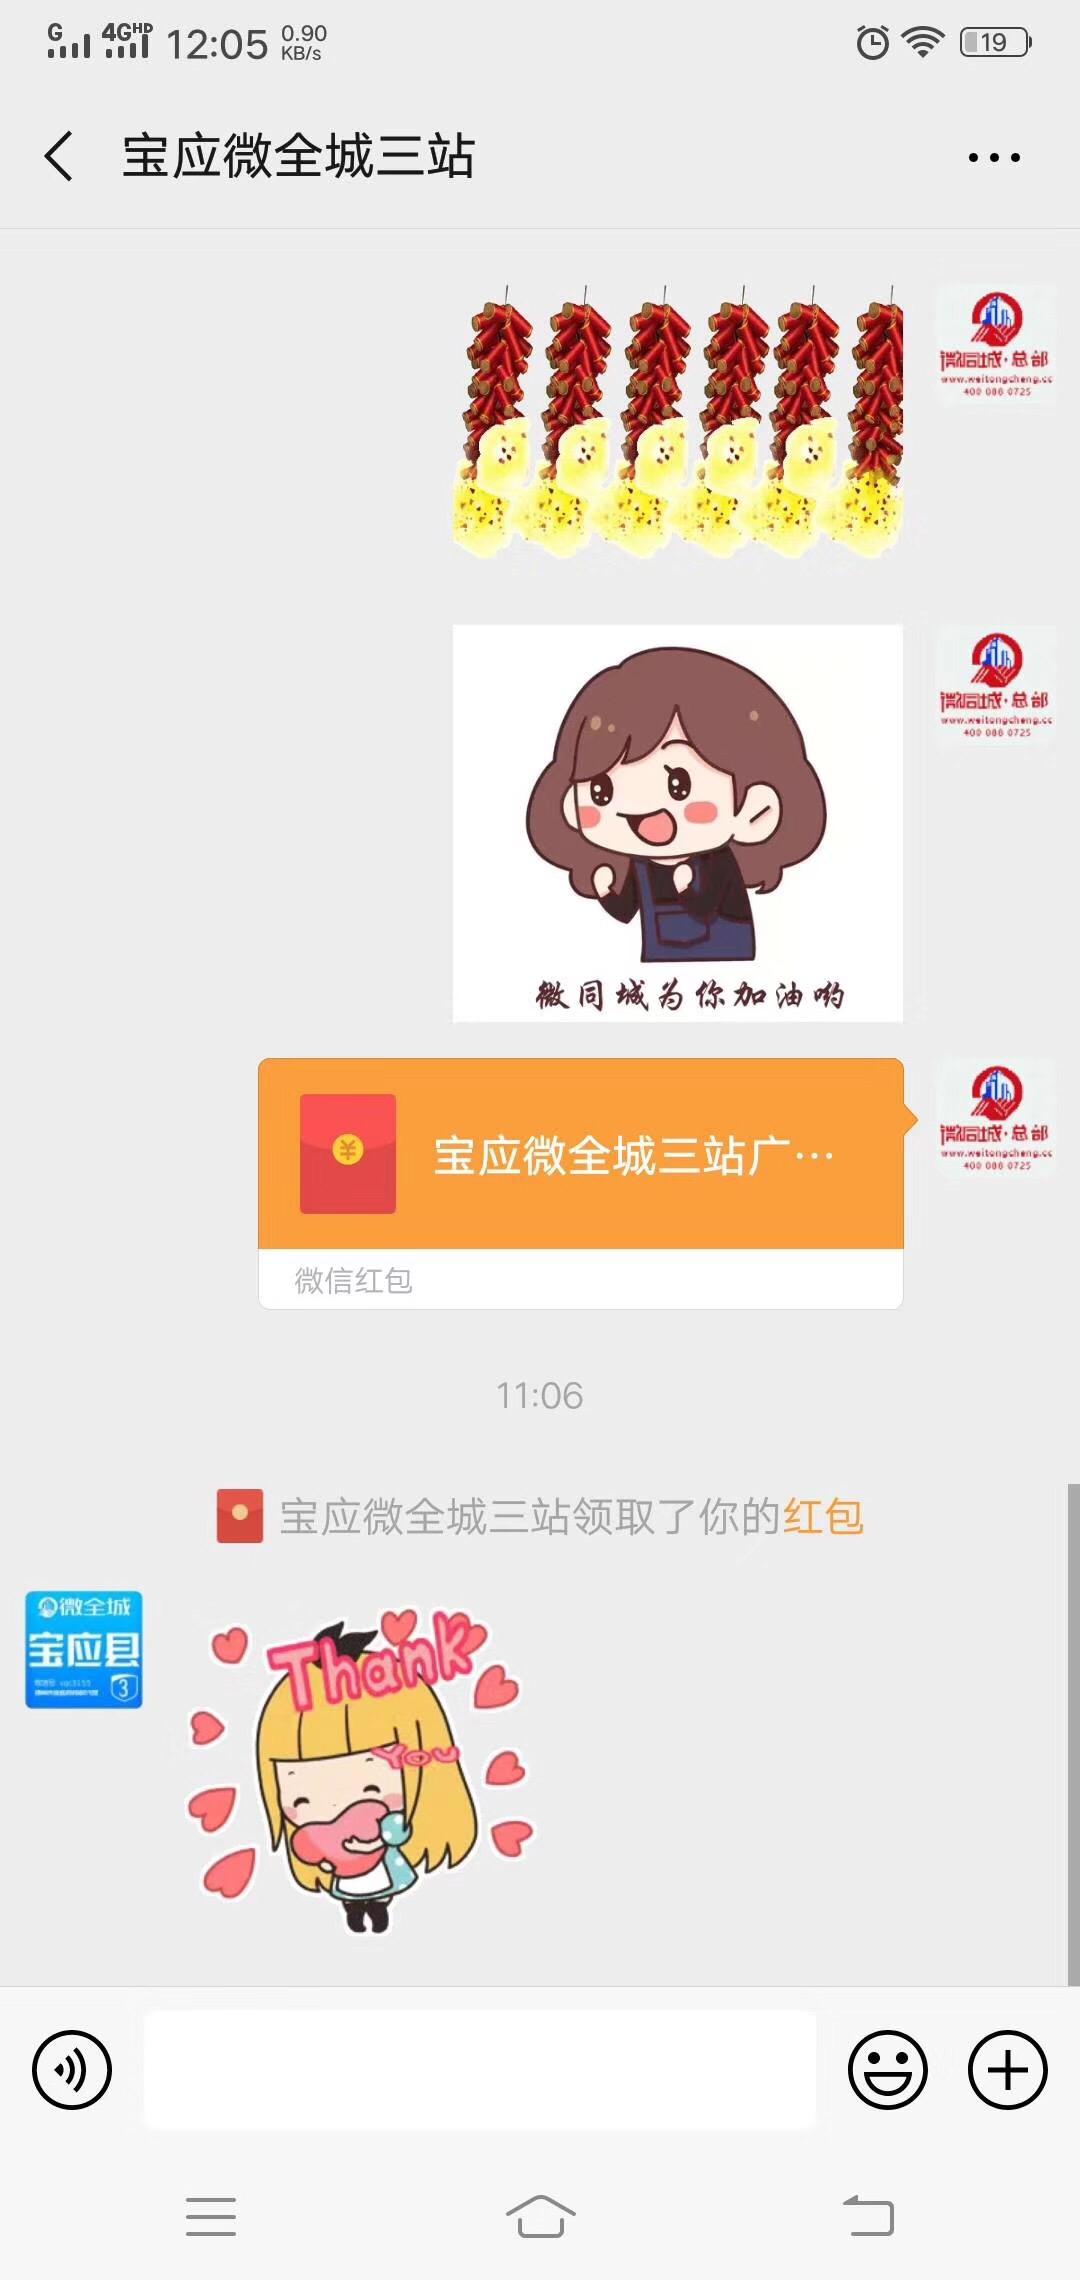 宝应微全城微帮三站广告佣金